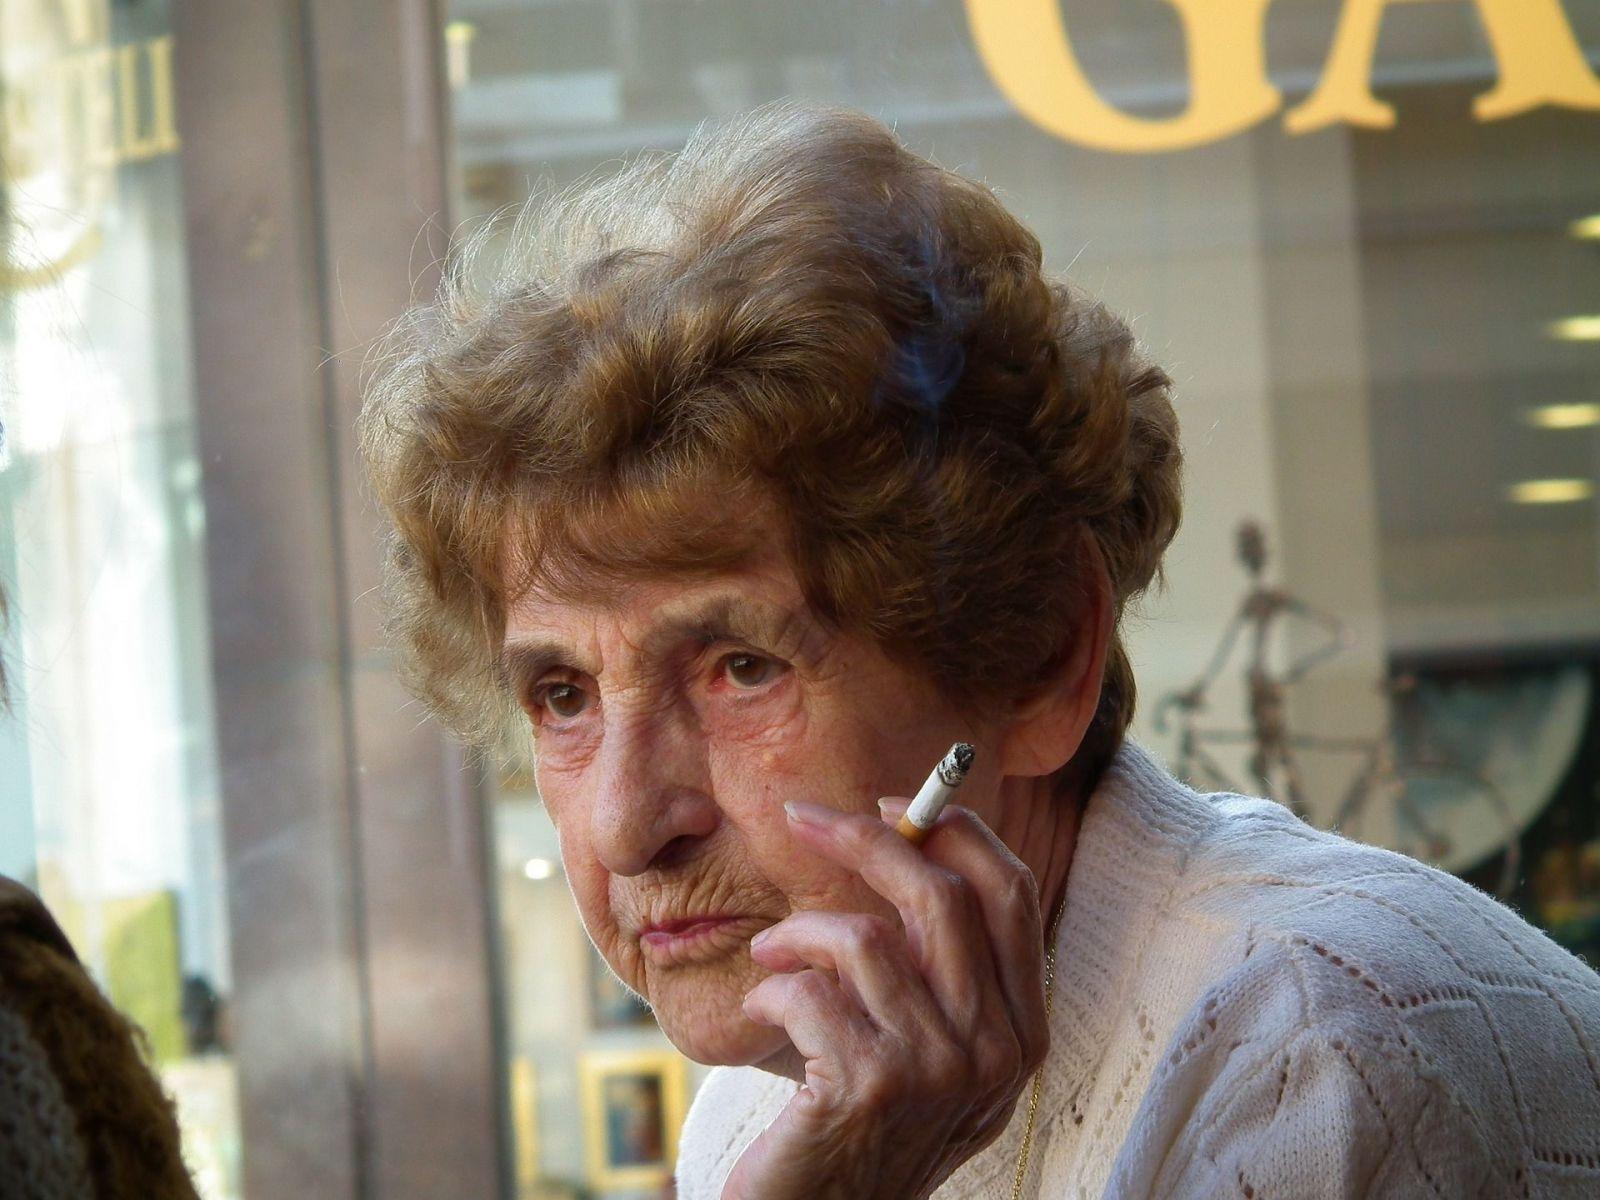 Fajčenie cigariet prispieva k vzniku depresie a schizofrénie, ukázala štúdia